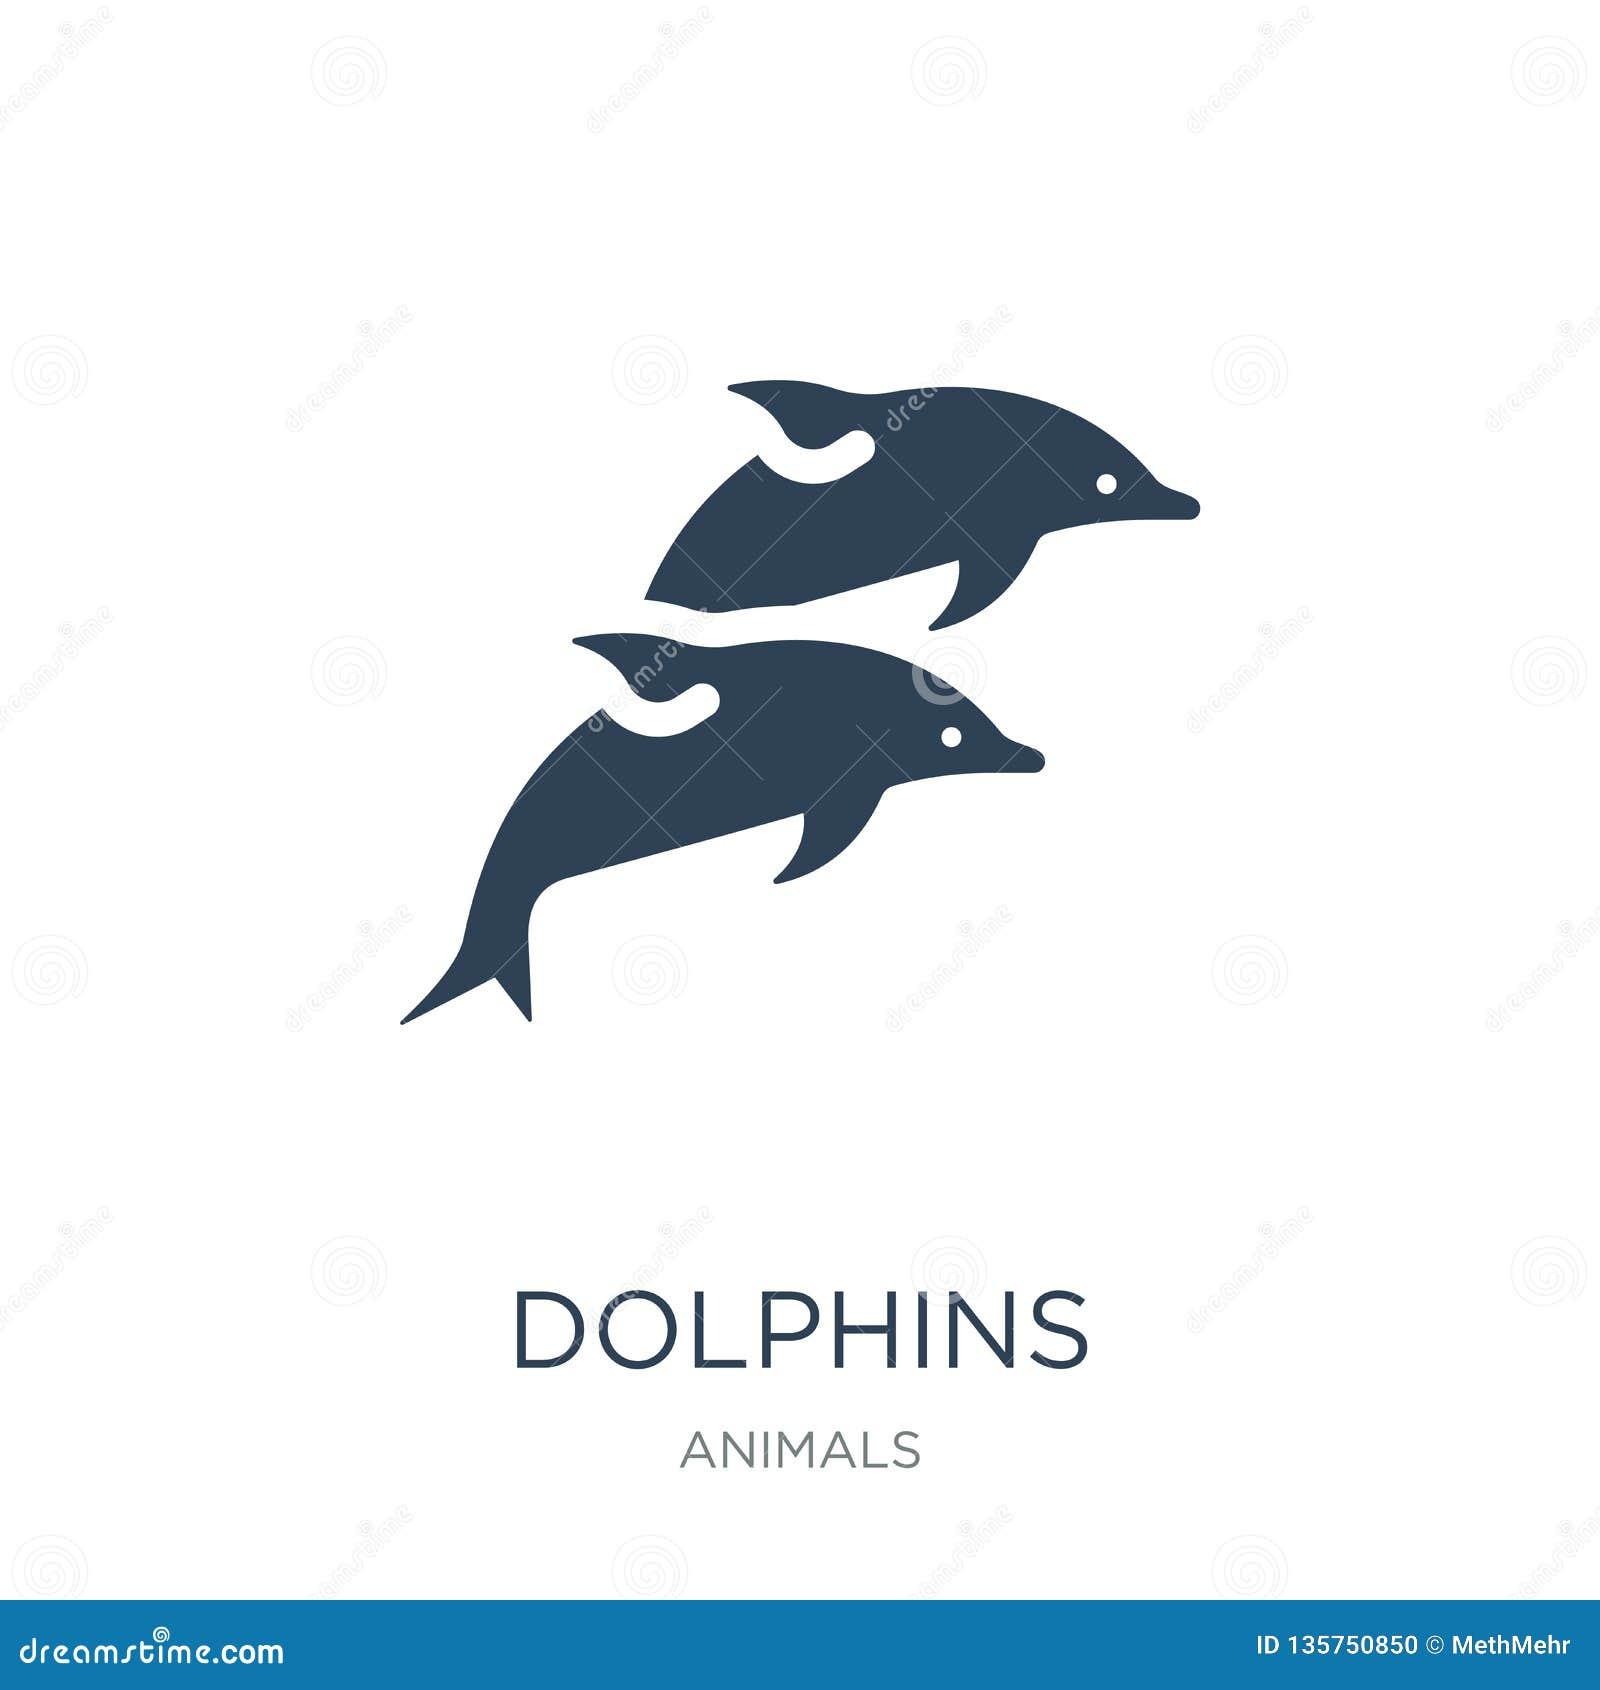 значок дельфинов в ультрамодном стиле дизайна значок дельфинов изолированный на белой предпосылке квартира значка вектора дельфин